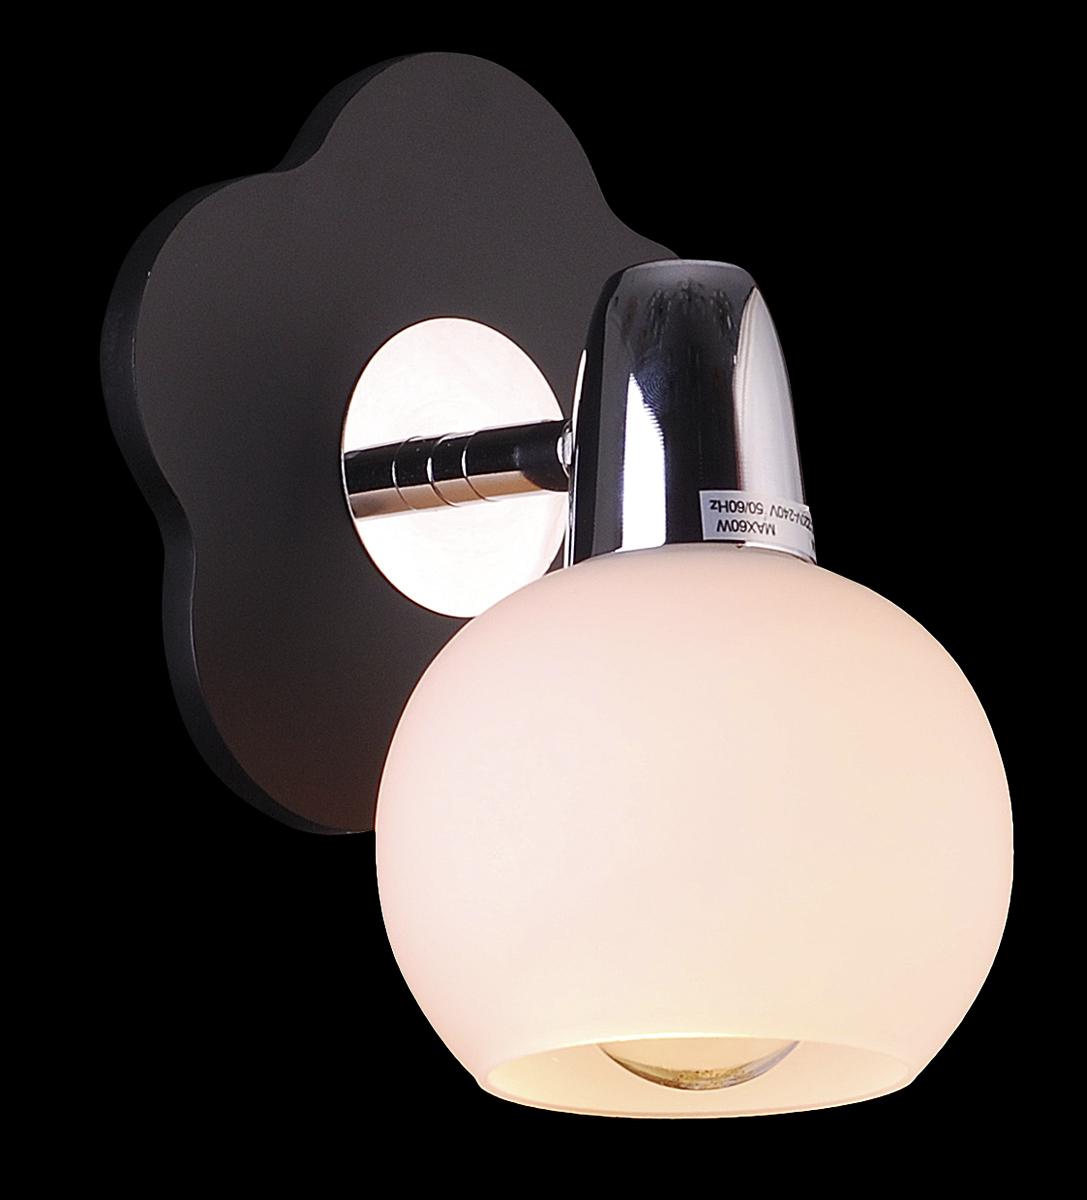 Бра Natali Kovaltseva, цвет: венге, 1 х E14, 60W. 10742/1W10742/1W WENGEБра Natali Kovaltseva, выполненное в стиле эко, станет украшением вашей комнаты и изысканно дополнит интерьер. Изделие крепится к стене. Такое бра отлично подойдет для освещения кабинета, спальни или гостиной. Бра выполнено из дерева в форме цветка и дополнено металлическими элементами с хромированным покрытием, плафон изготовлен из матового стекла. В коллекциях Natali Kovaltseva представлены разные стили - от классики до хайтека. Дизайн и технологическая составляющая продукции разрабатывается в R&D центре компании, который находится в г. Дюссельдорф, Германия. При производстве продукции используются высококачественные и эксклюзивные материалы: хрусталь ASFOR, муранское стекло, перламутр, 24-каратное золото, бронза. Производство светильников соответствует стандарту системы менеджмента качества ISO 9001-2000. На всю продукцию ТМ Natali Kovaltseva распространяется гарантия.